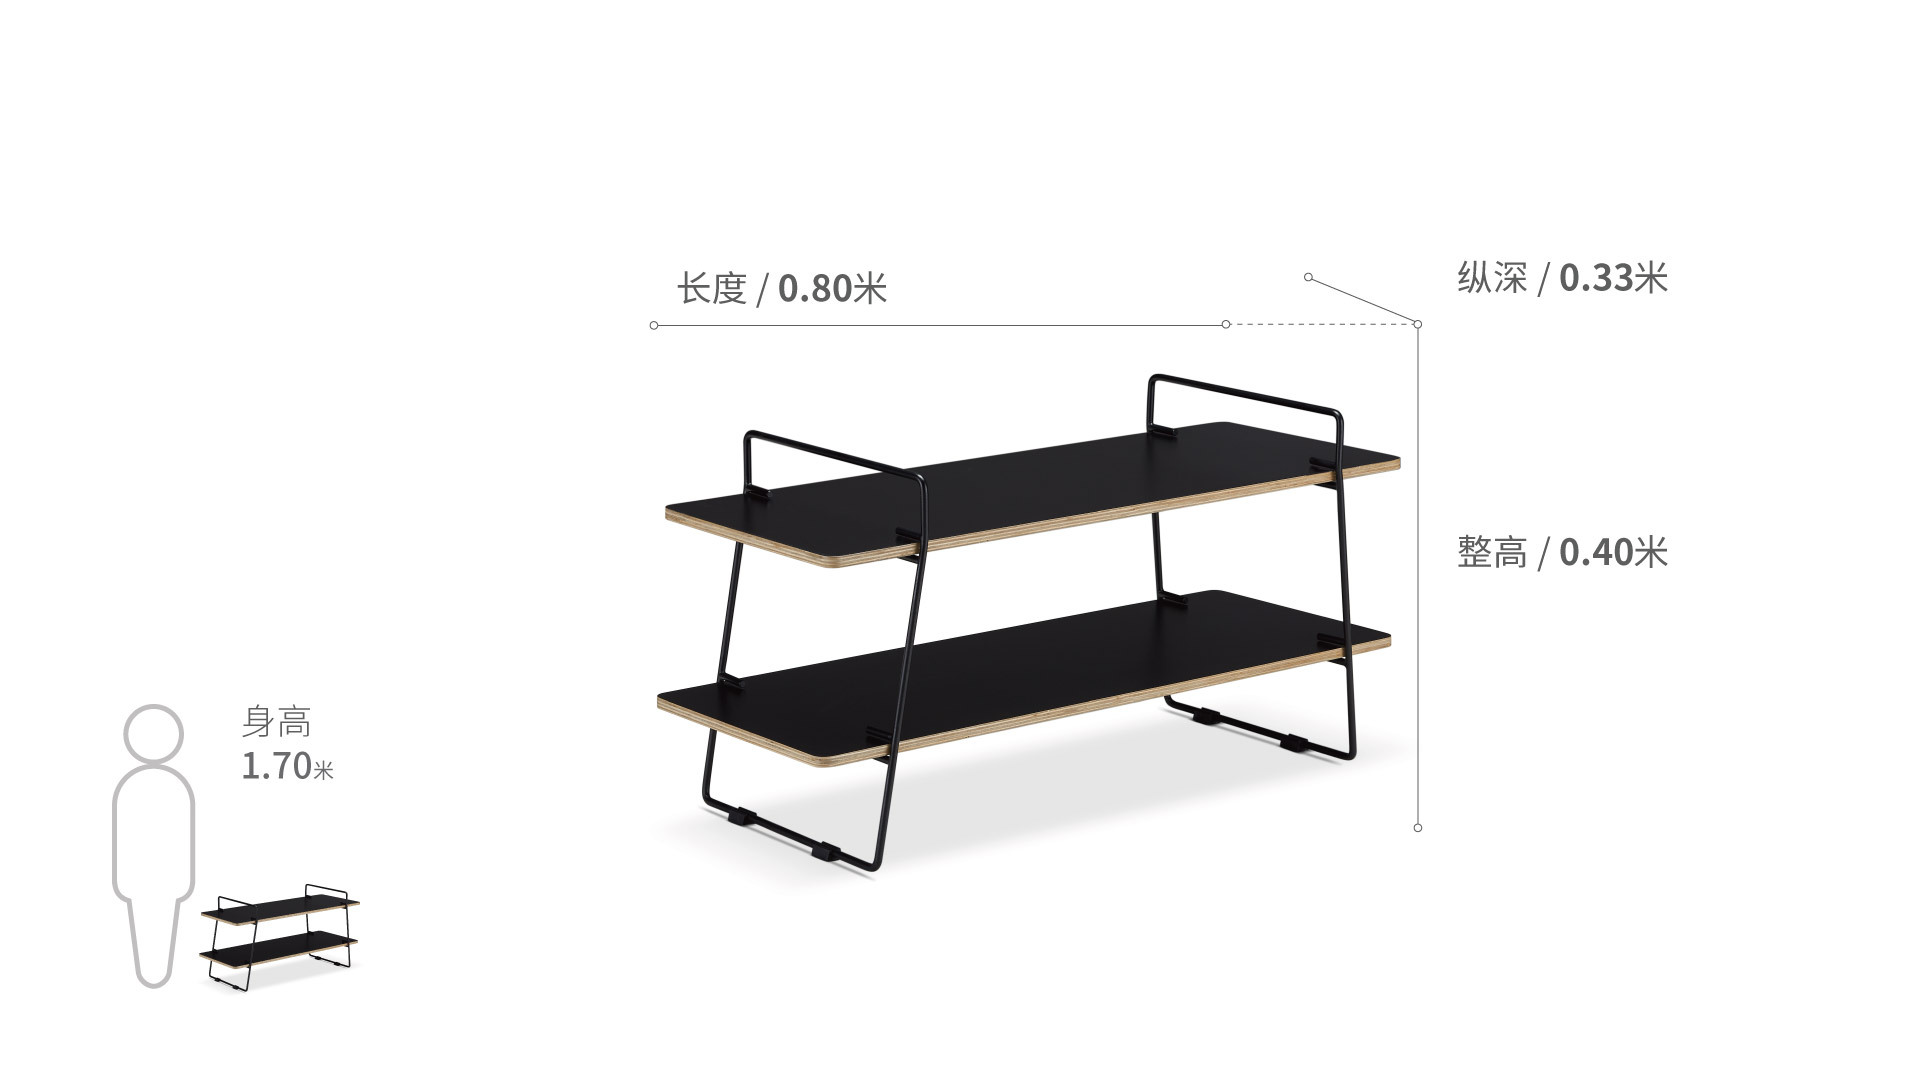 线框手提式置物架置物架柜架效果图